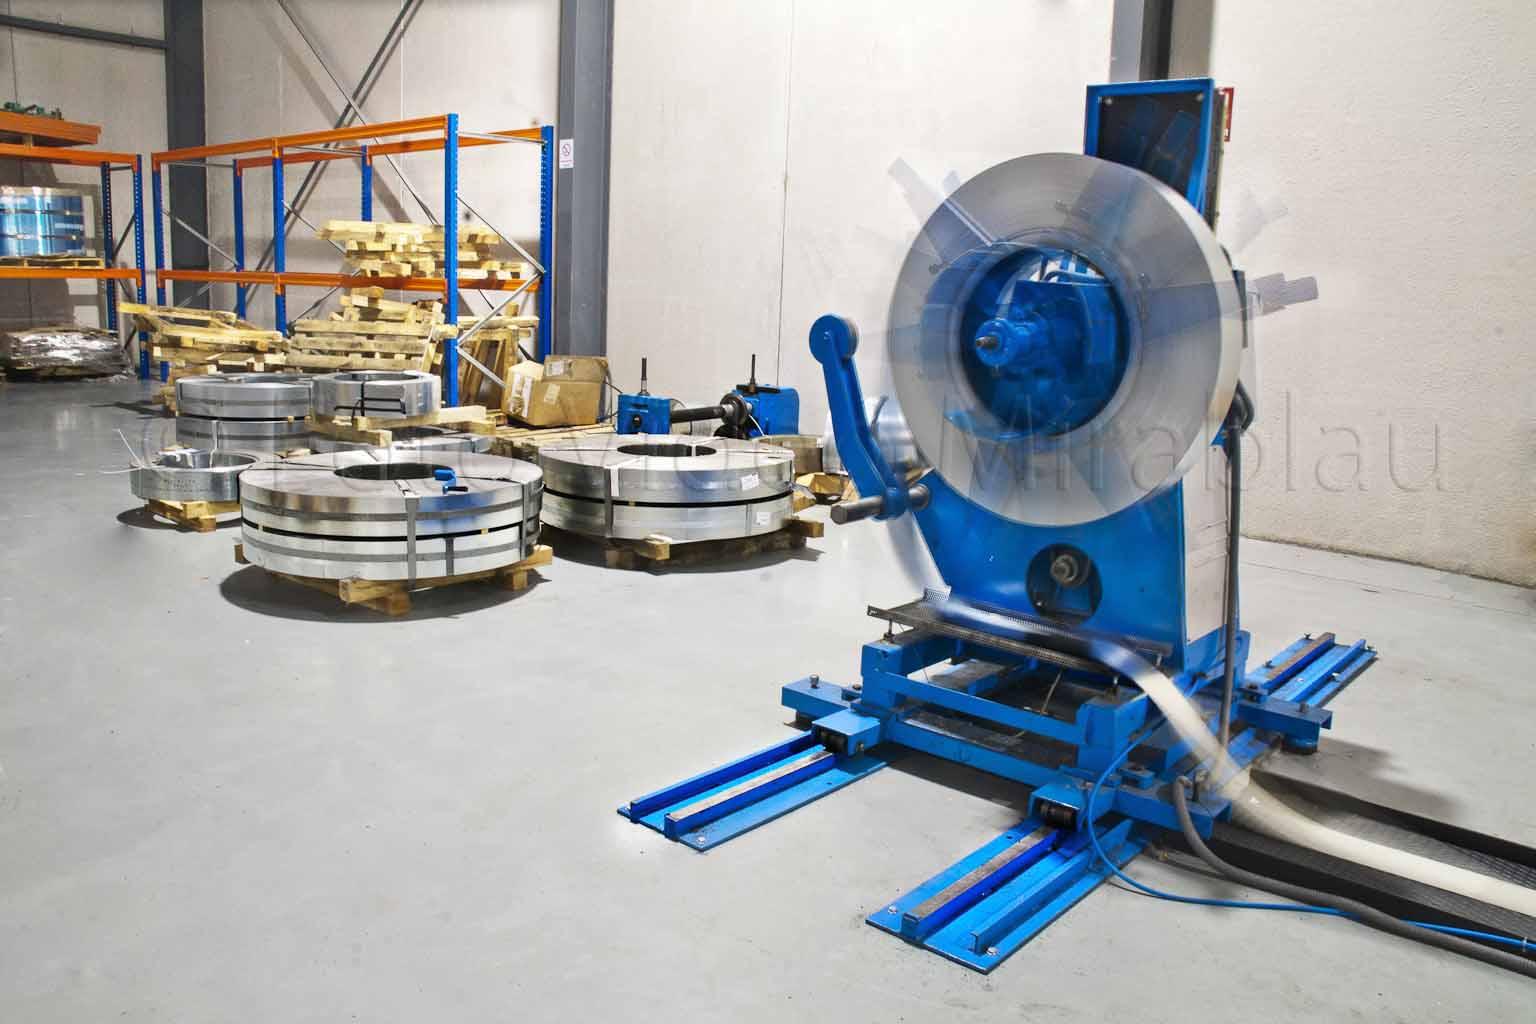 Maquinas en rotación con plancha de acero. Multi-imagen para dar sensación de movimiento.